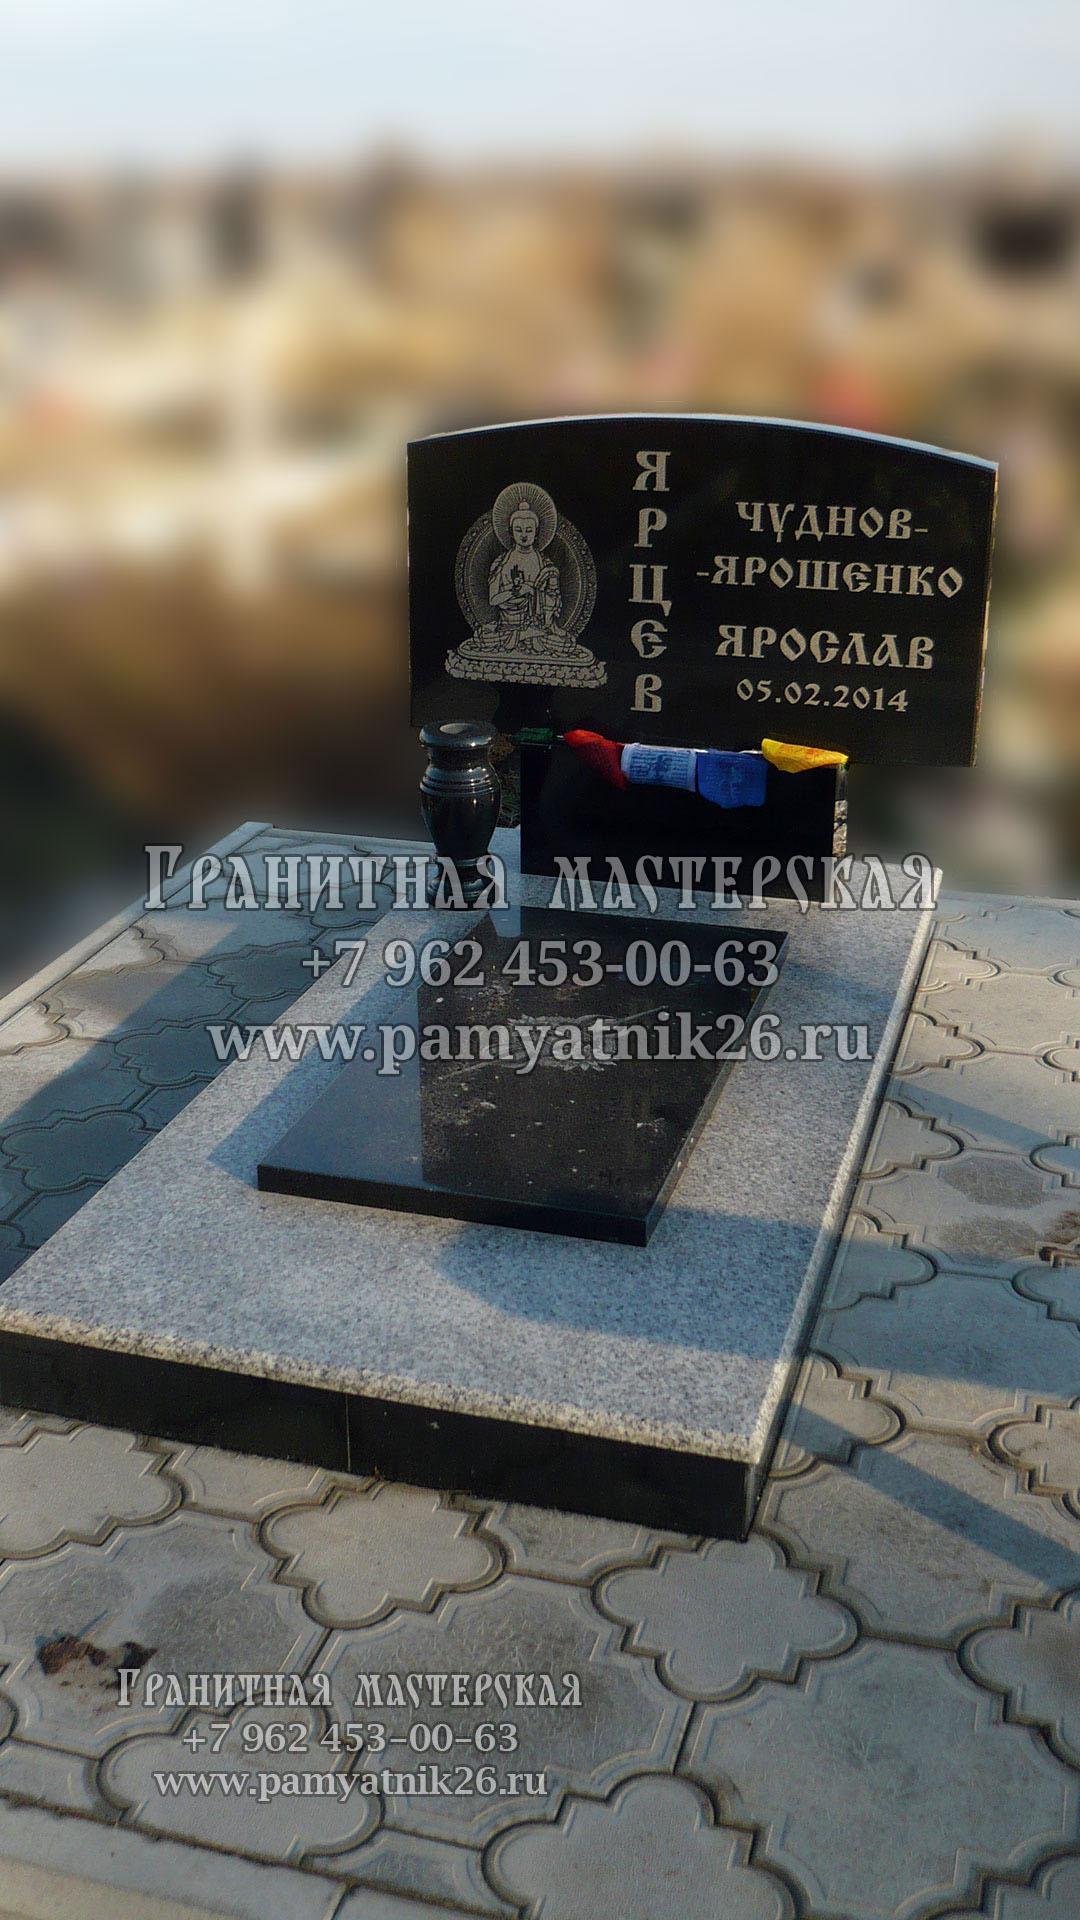 Изготовление памятников работа ставрополь цена на памятники ростова цены все включено